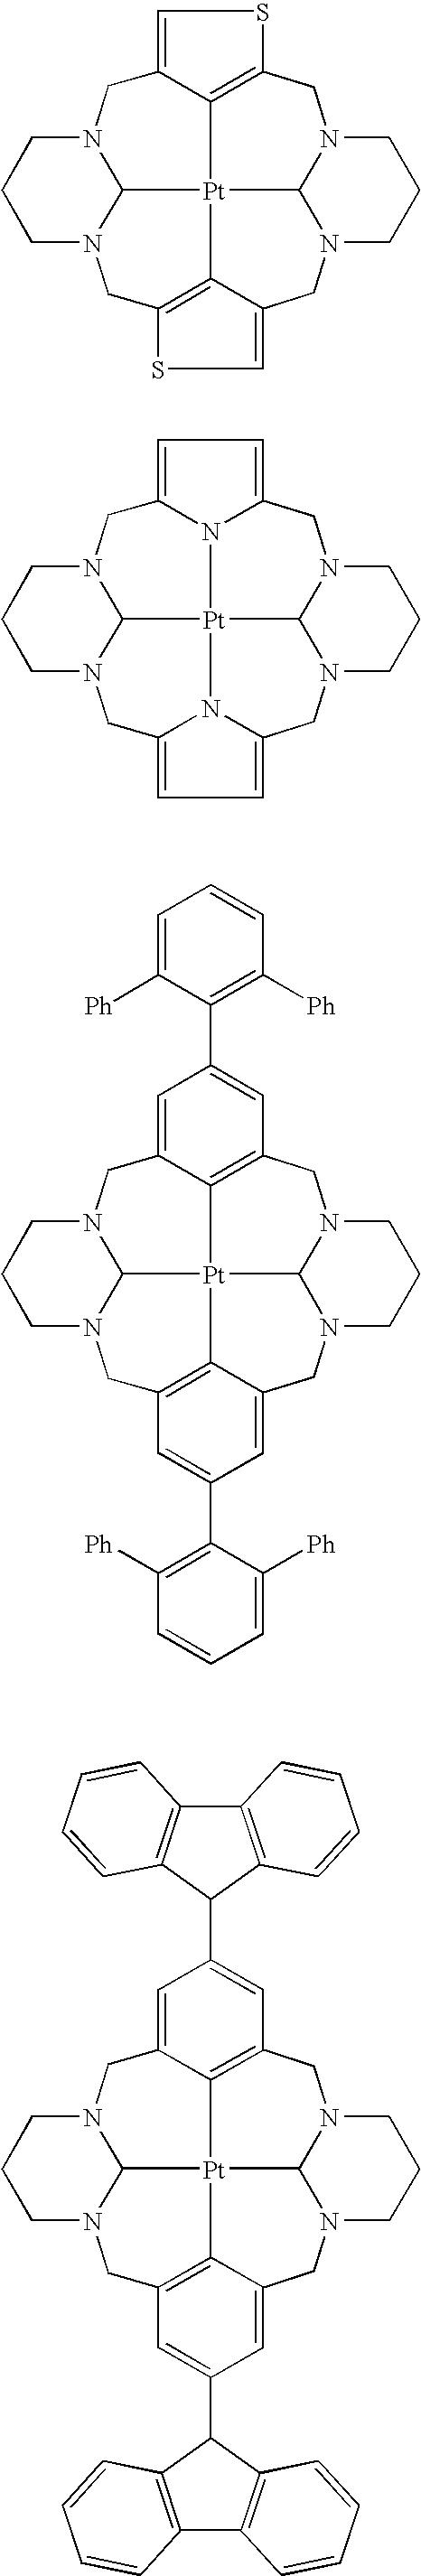 Figure US07655323-20100202-C00067